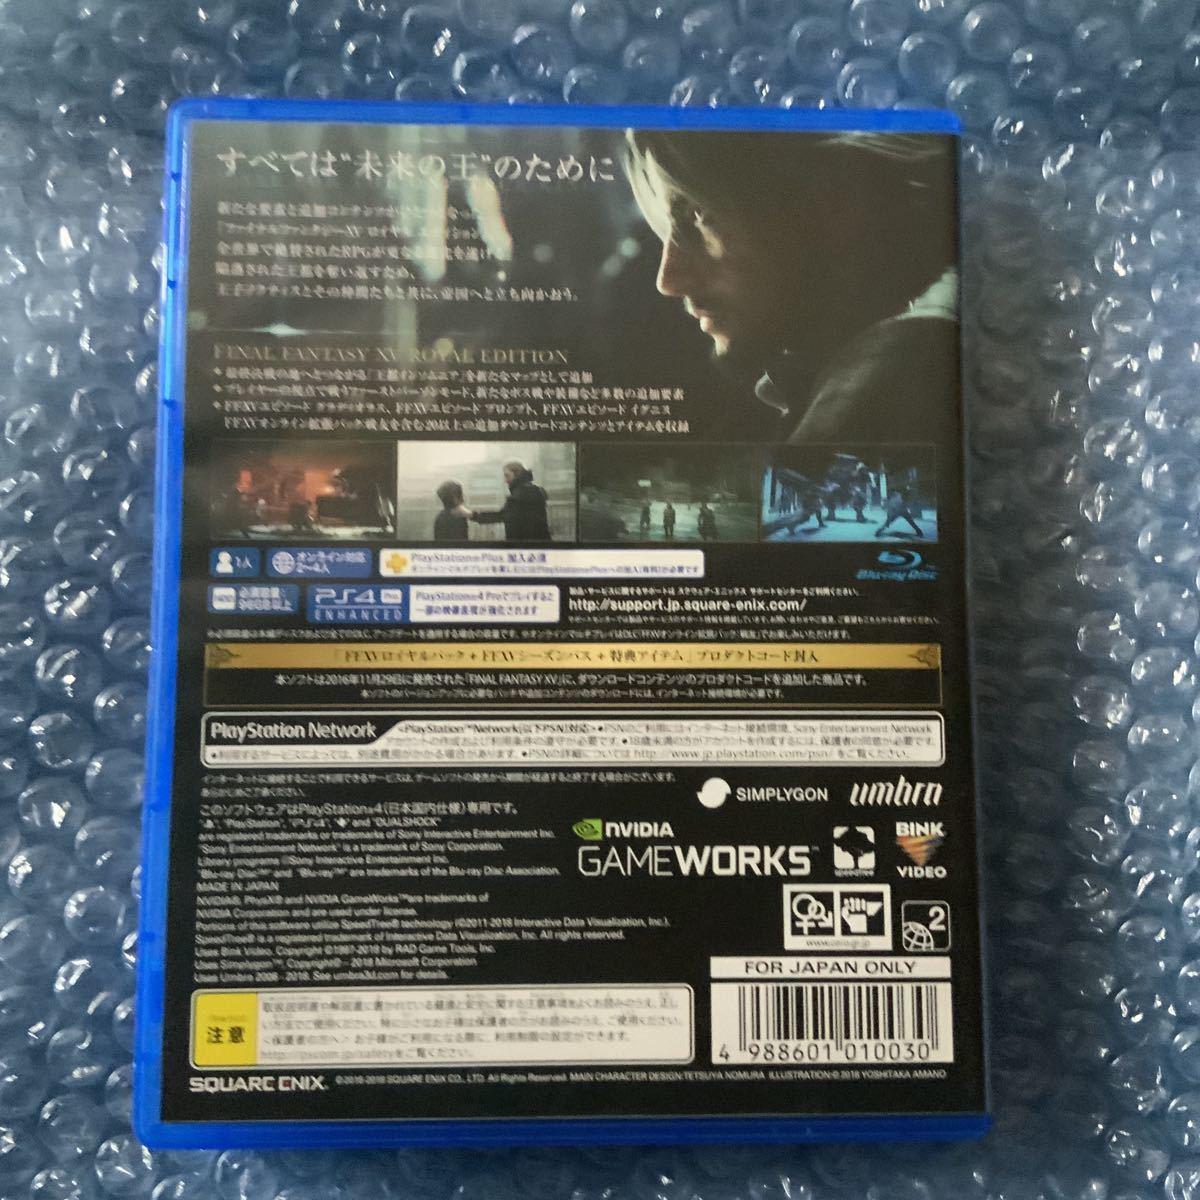 ファイナルファンタジー15 ロイヤルエディション FINAL FANTASY XV ROYAL EDITION FF15 PS4ソフト_画像2